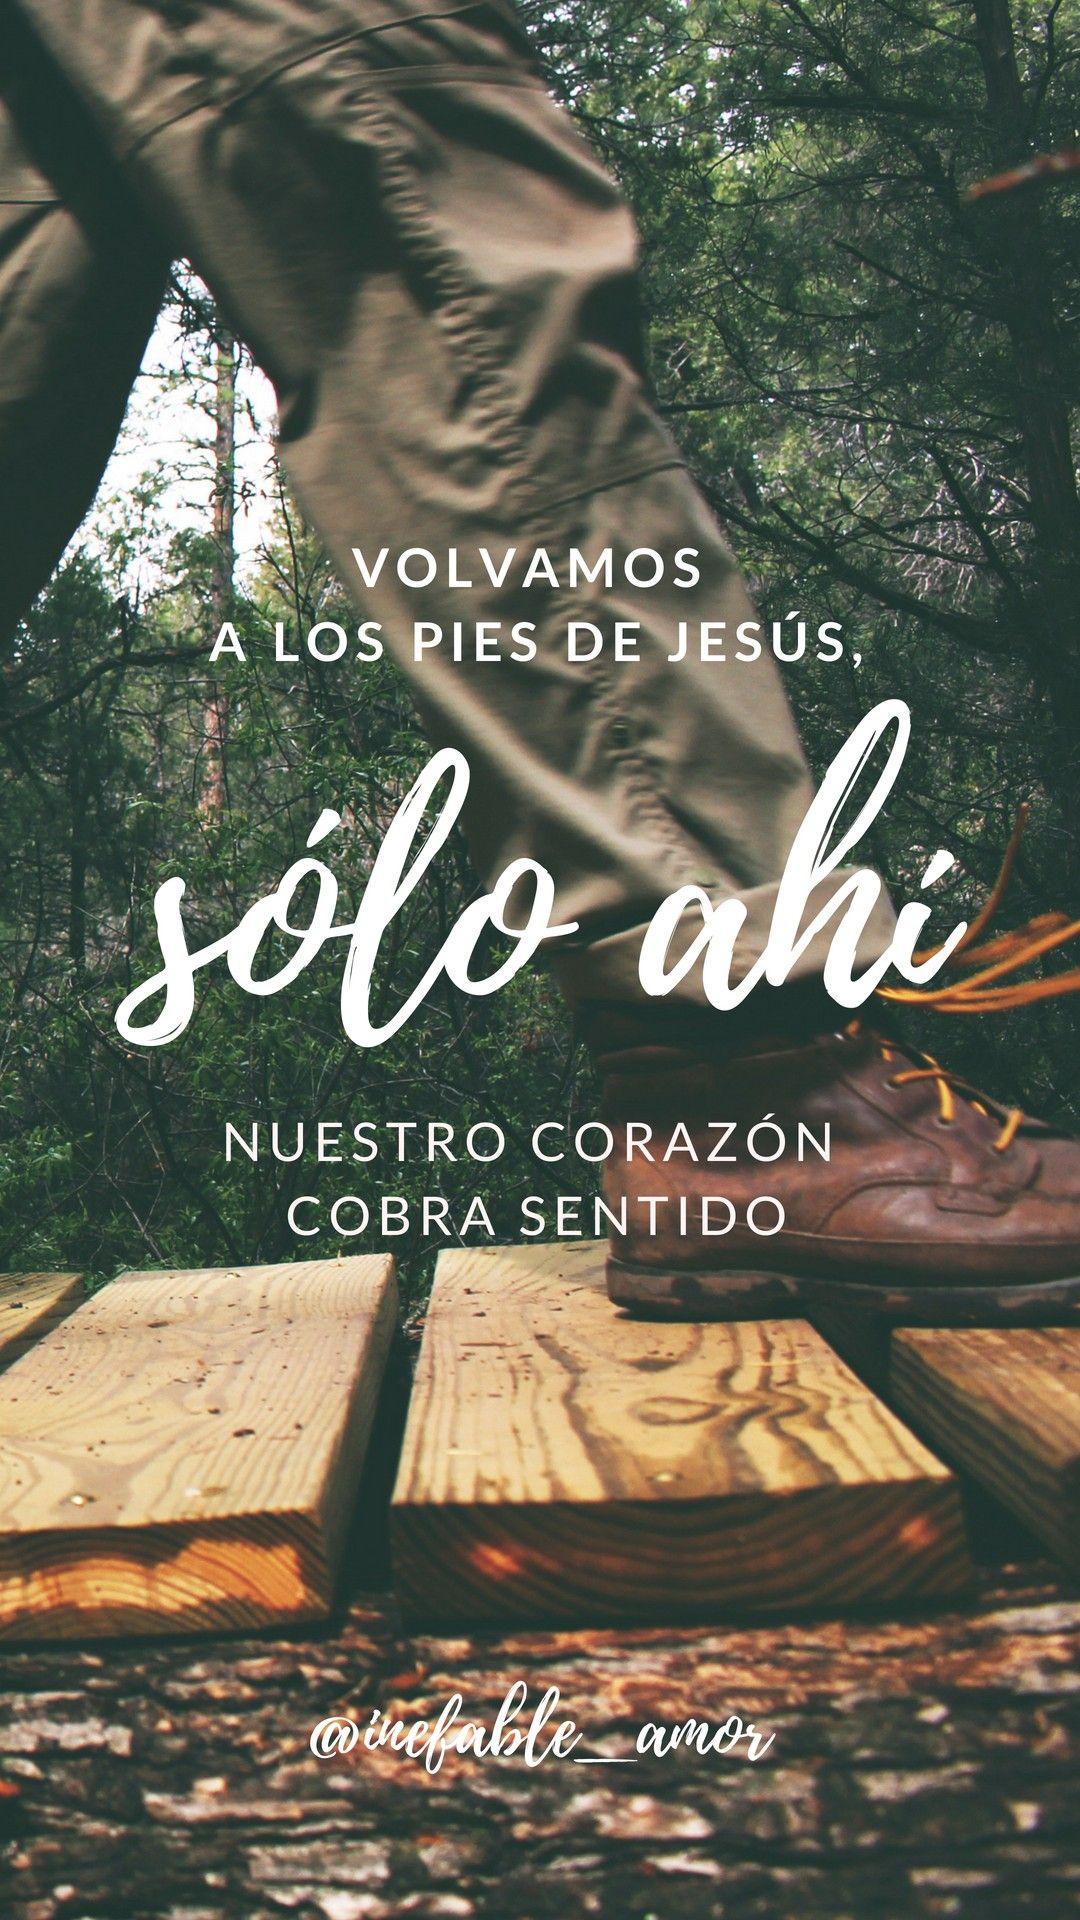 #amor #Anhelo #Biblia #Bibleverse #pasion #camino #Dios #Amor #Fortaleza #Debillidad #Verse #Quotes